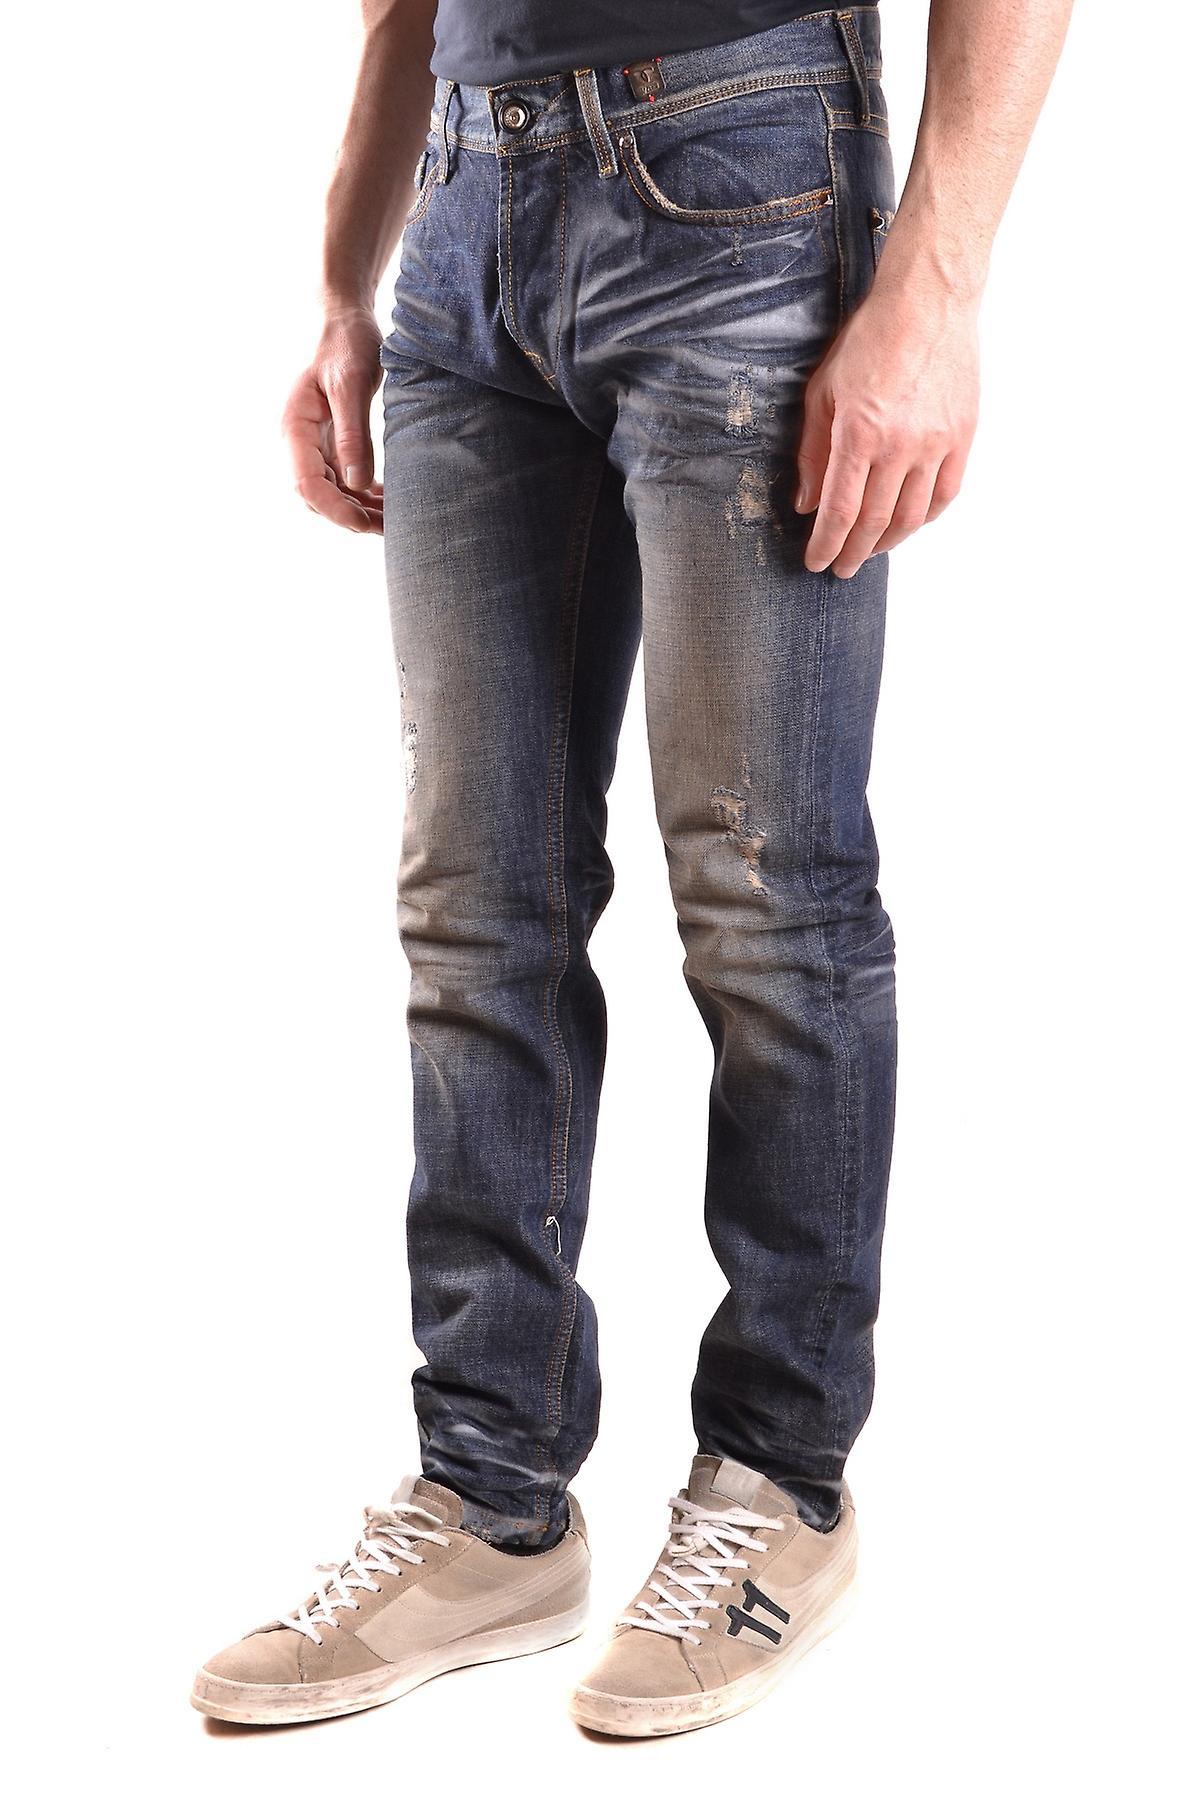 0/zéro Construction Ezbc391001 Hommes-apos;s Jeans Blue Denim ZxyW3H